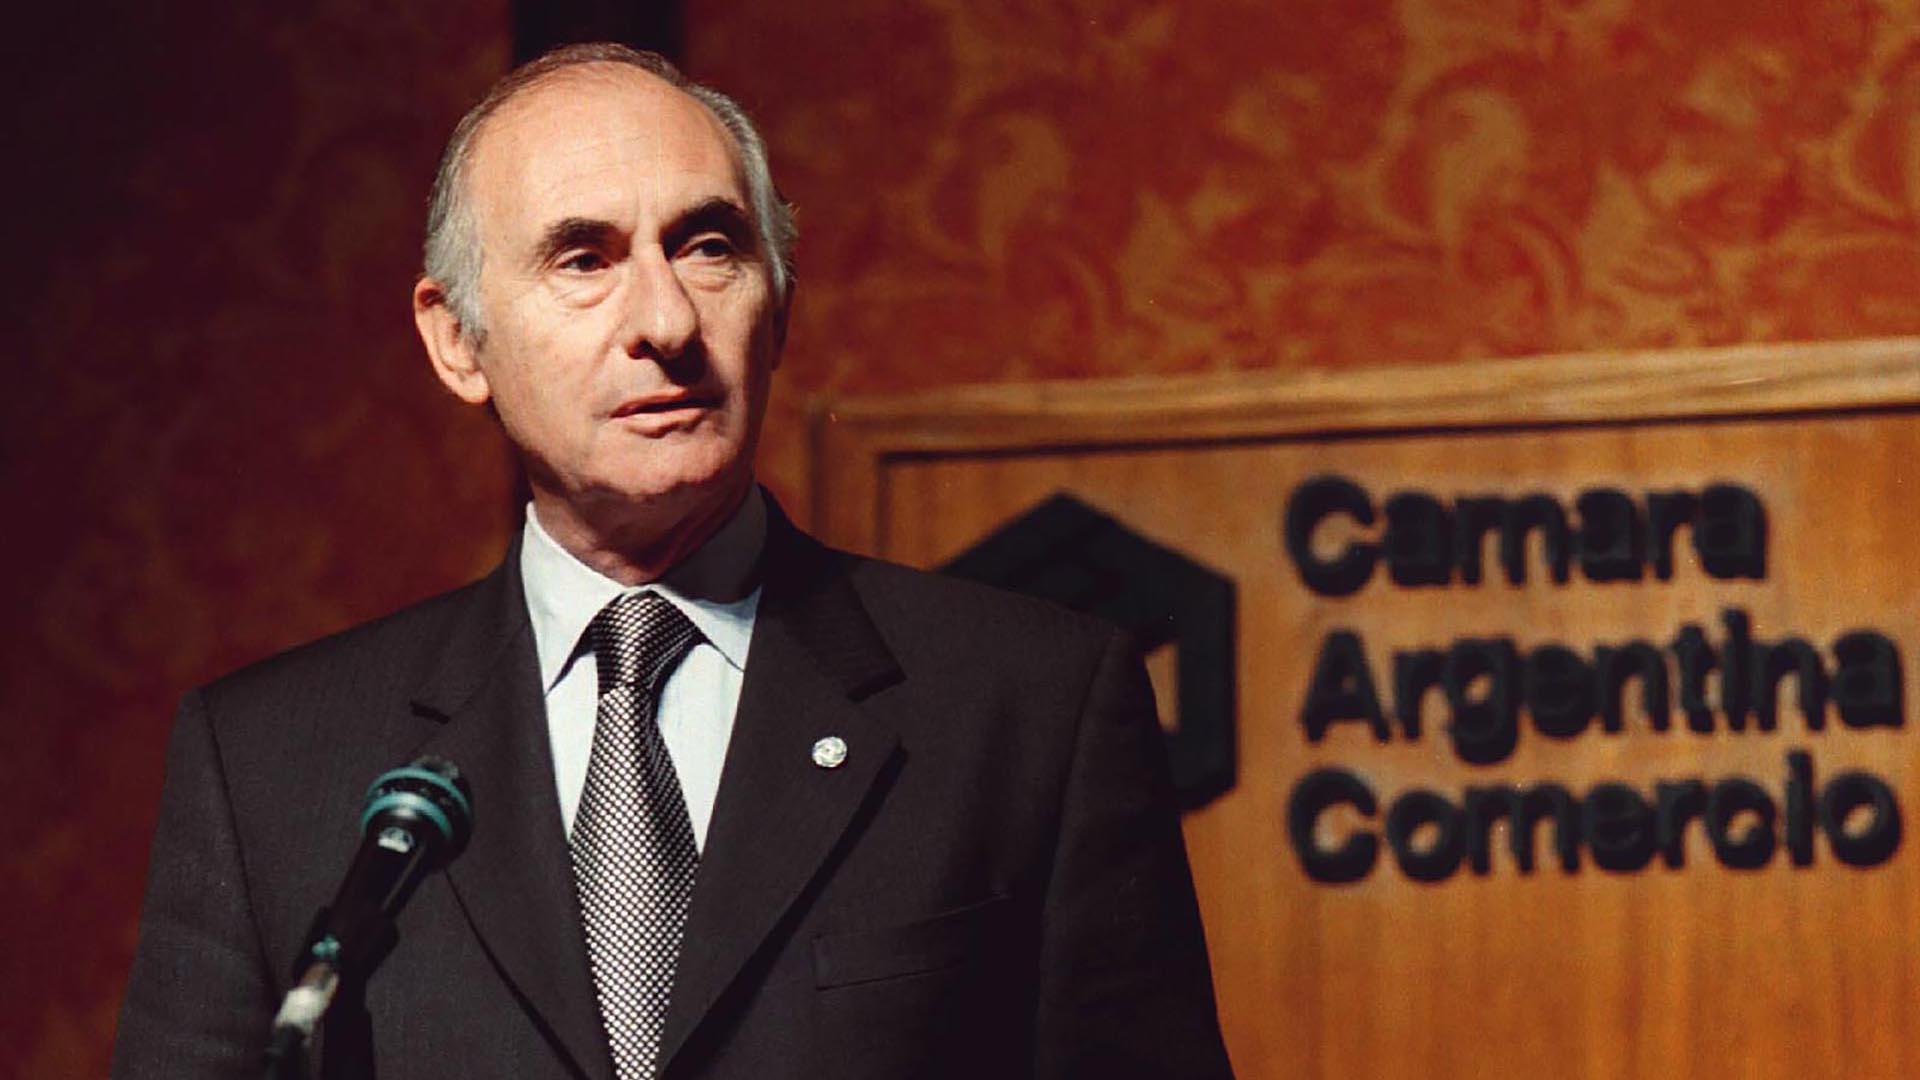 En una actividad organizada por la Cámara Argentina de Comercio